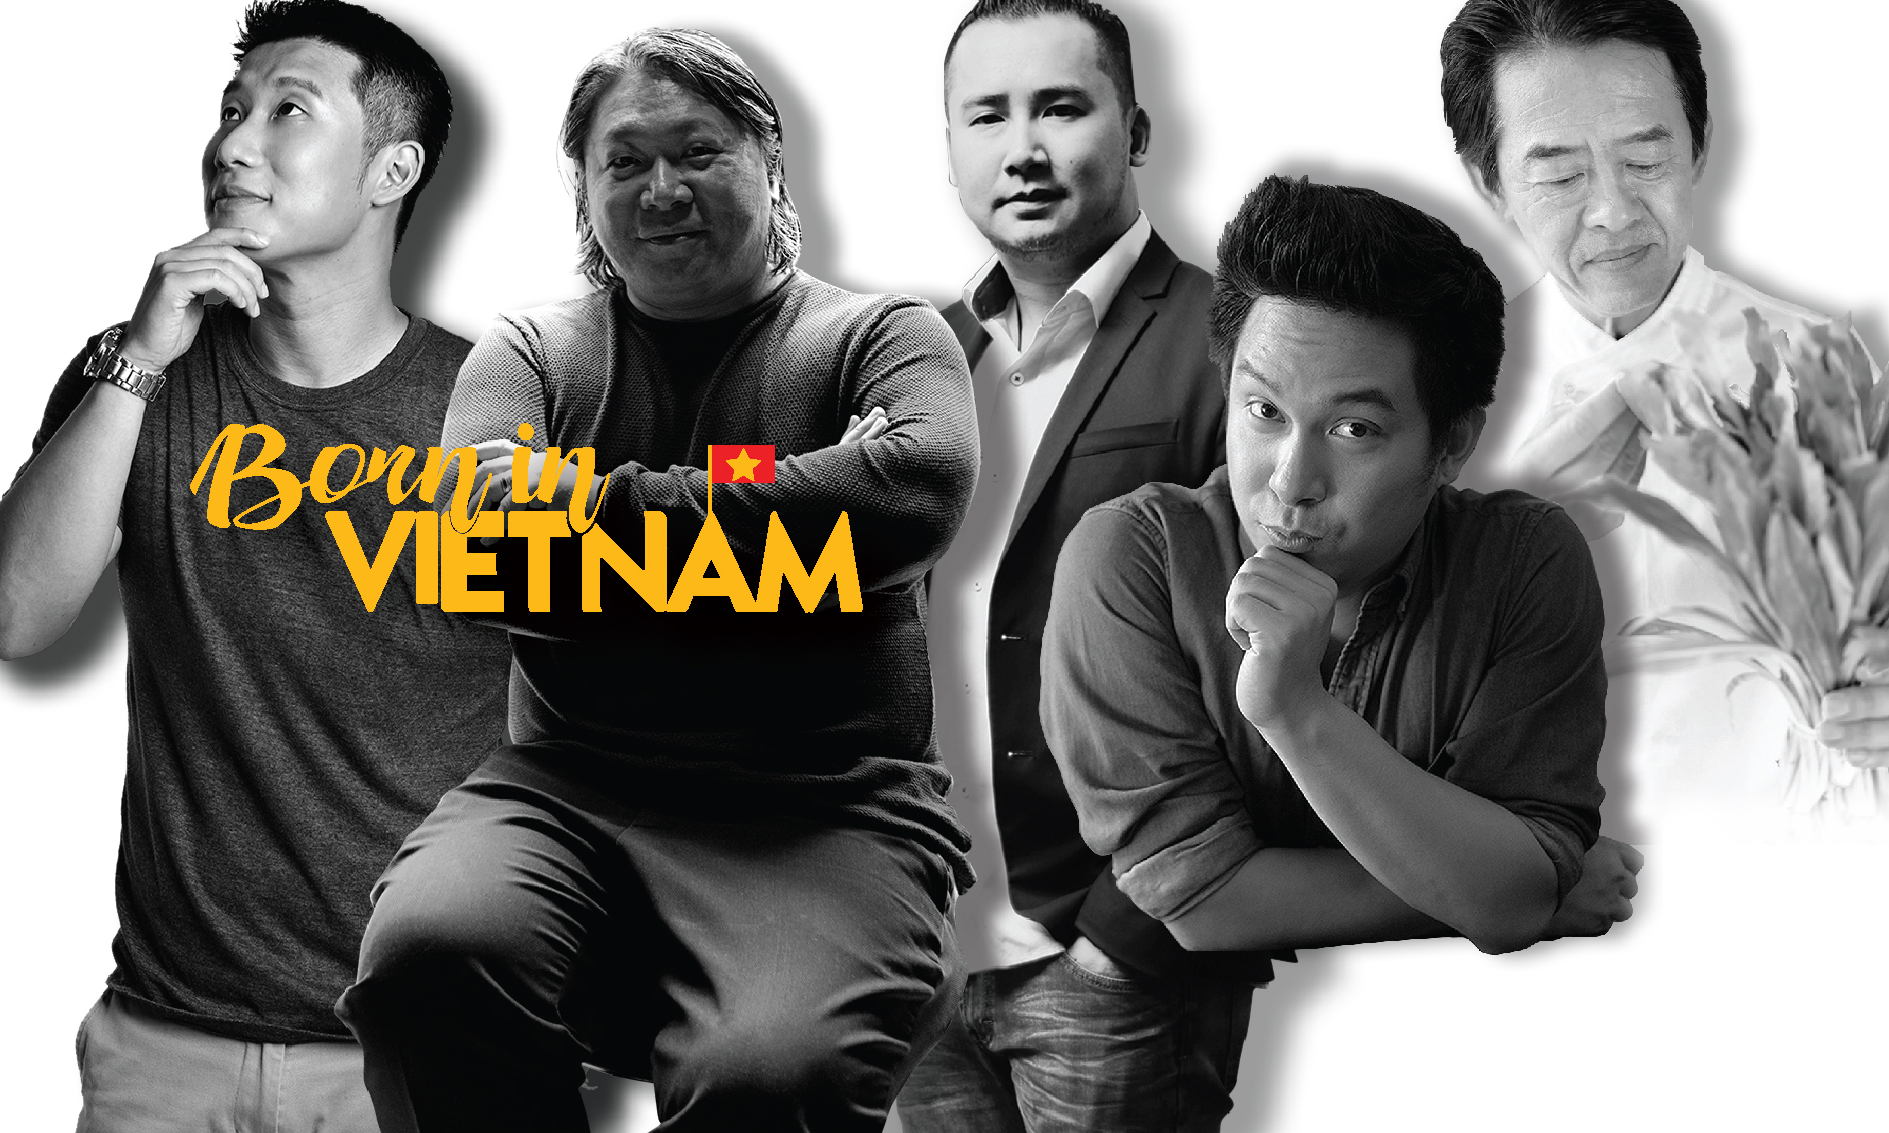 Born in Vietnam